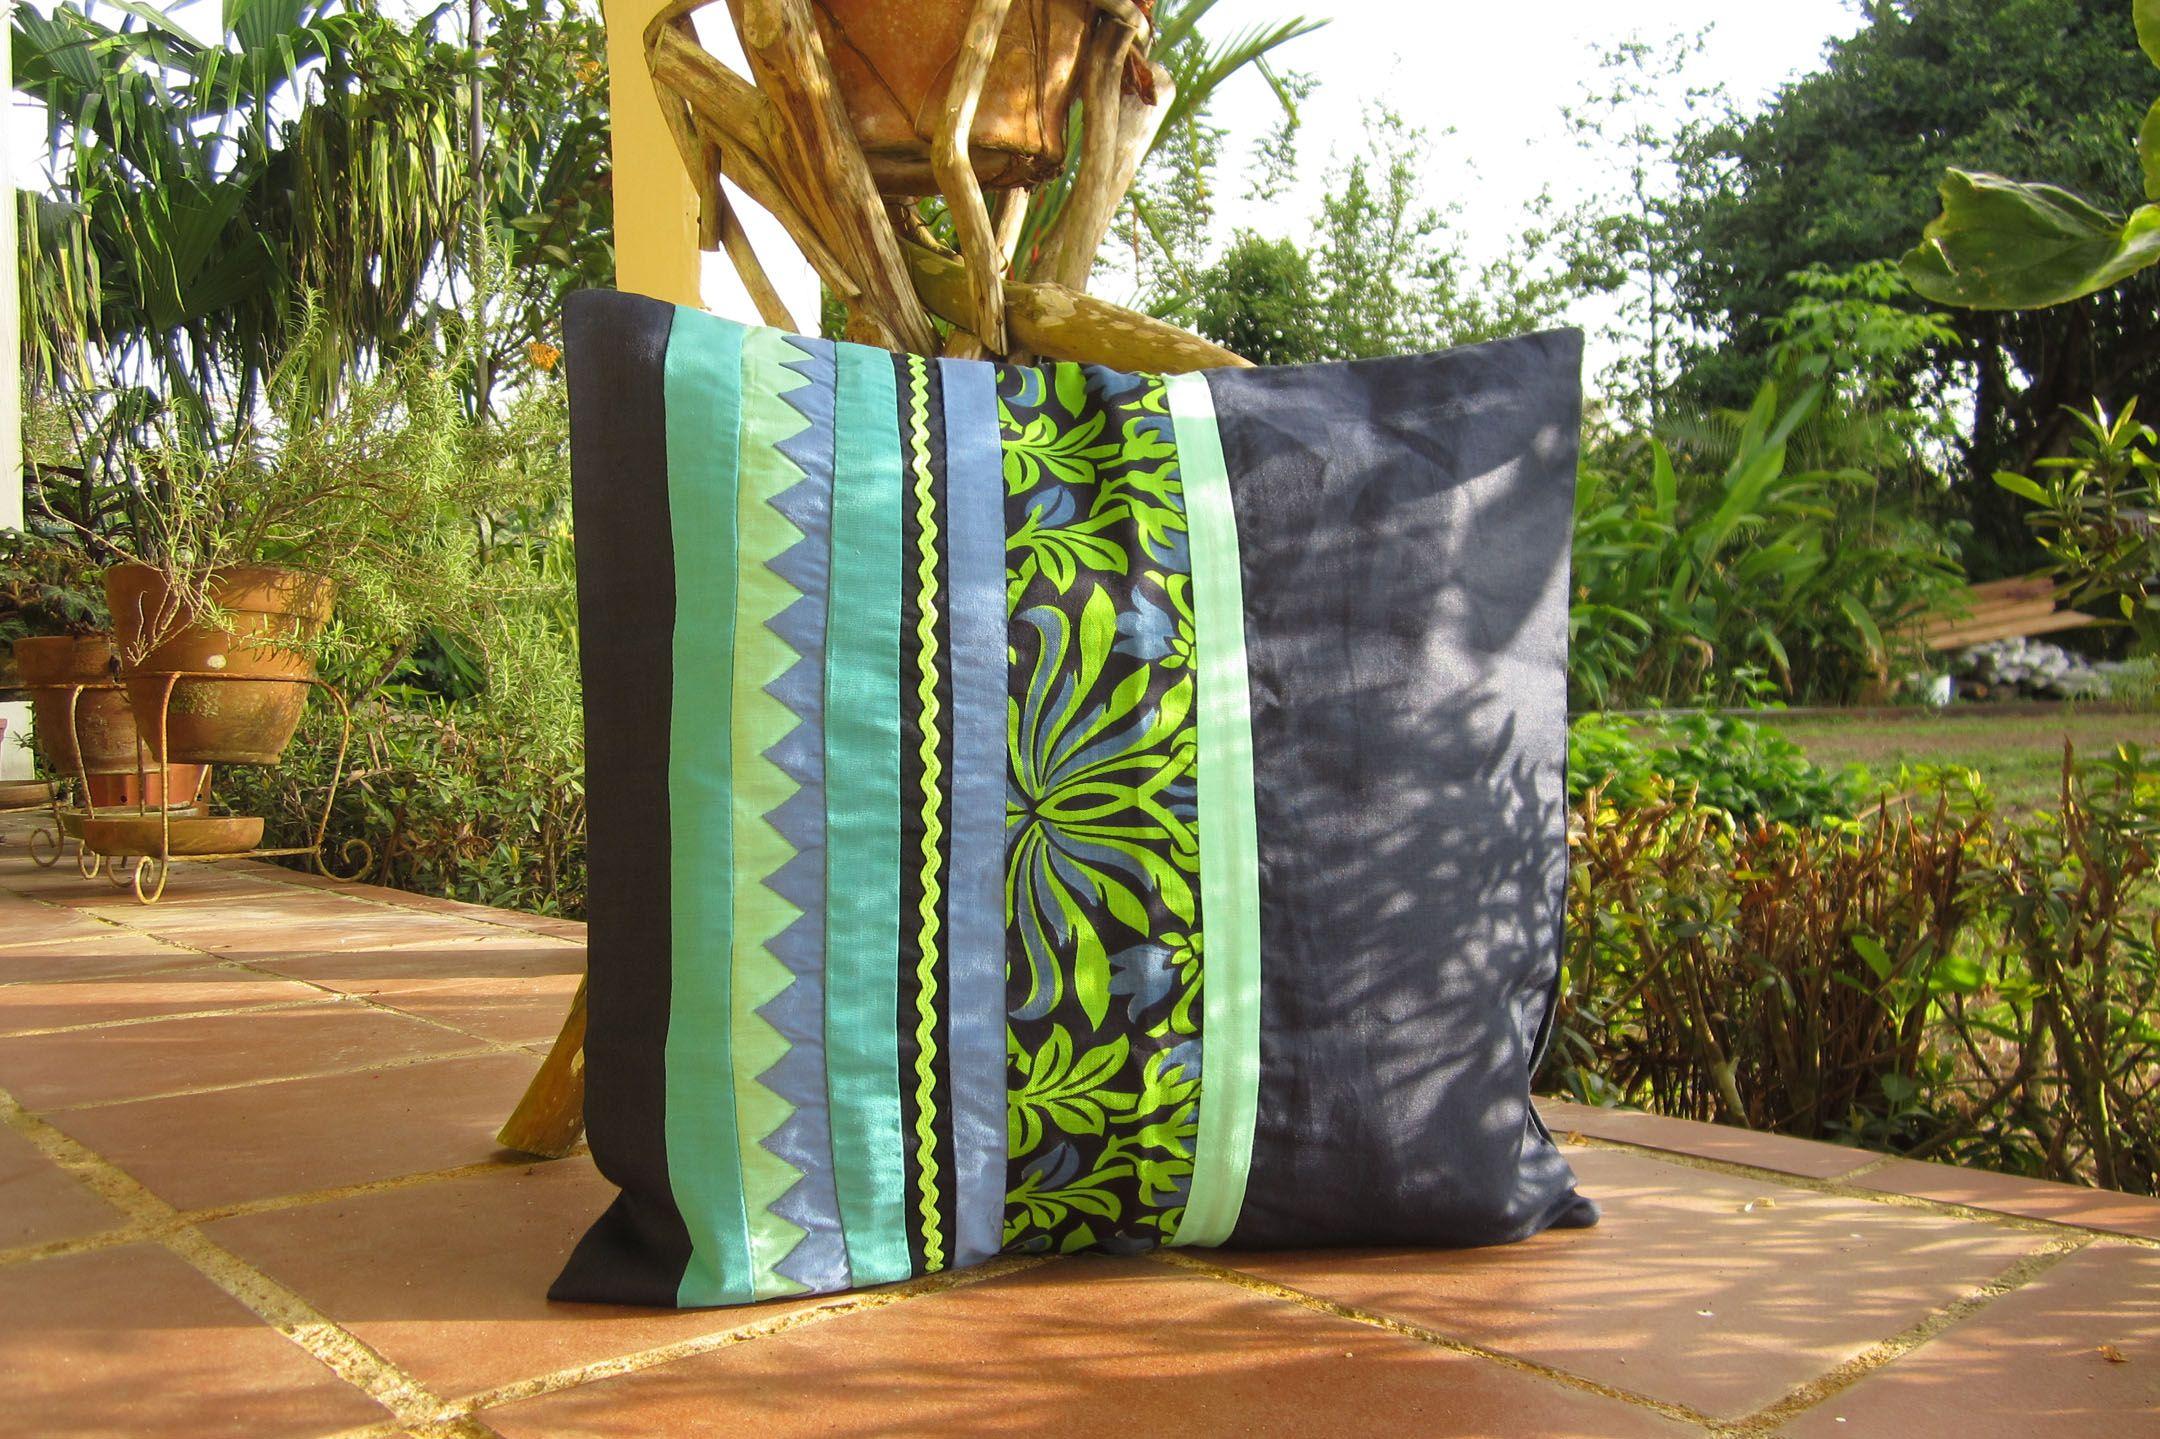 hermosos cojines confeccionados a mano con diseños étnicos de Panamá